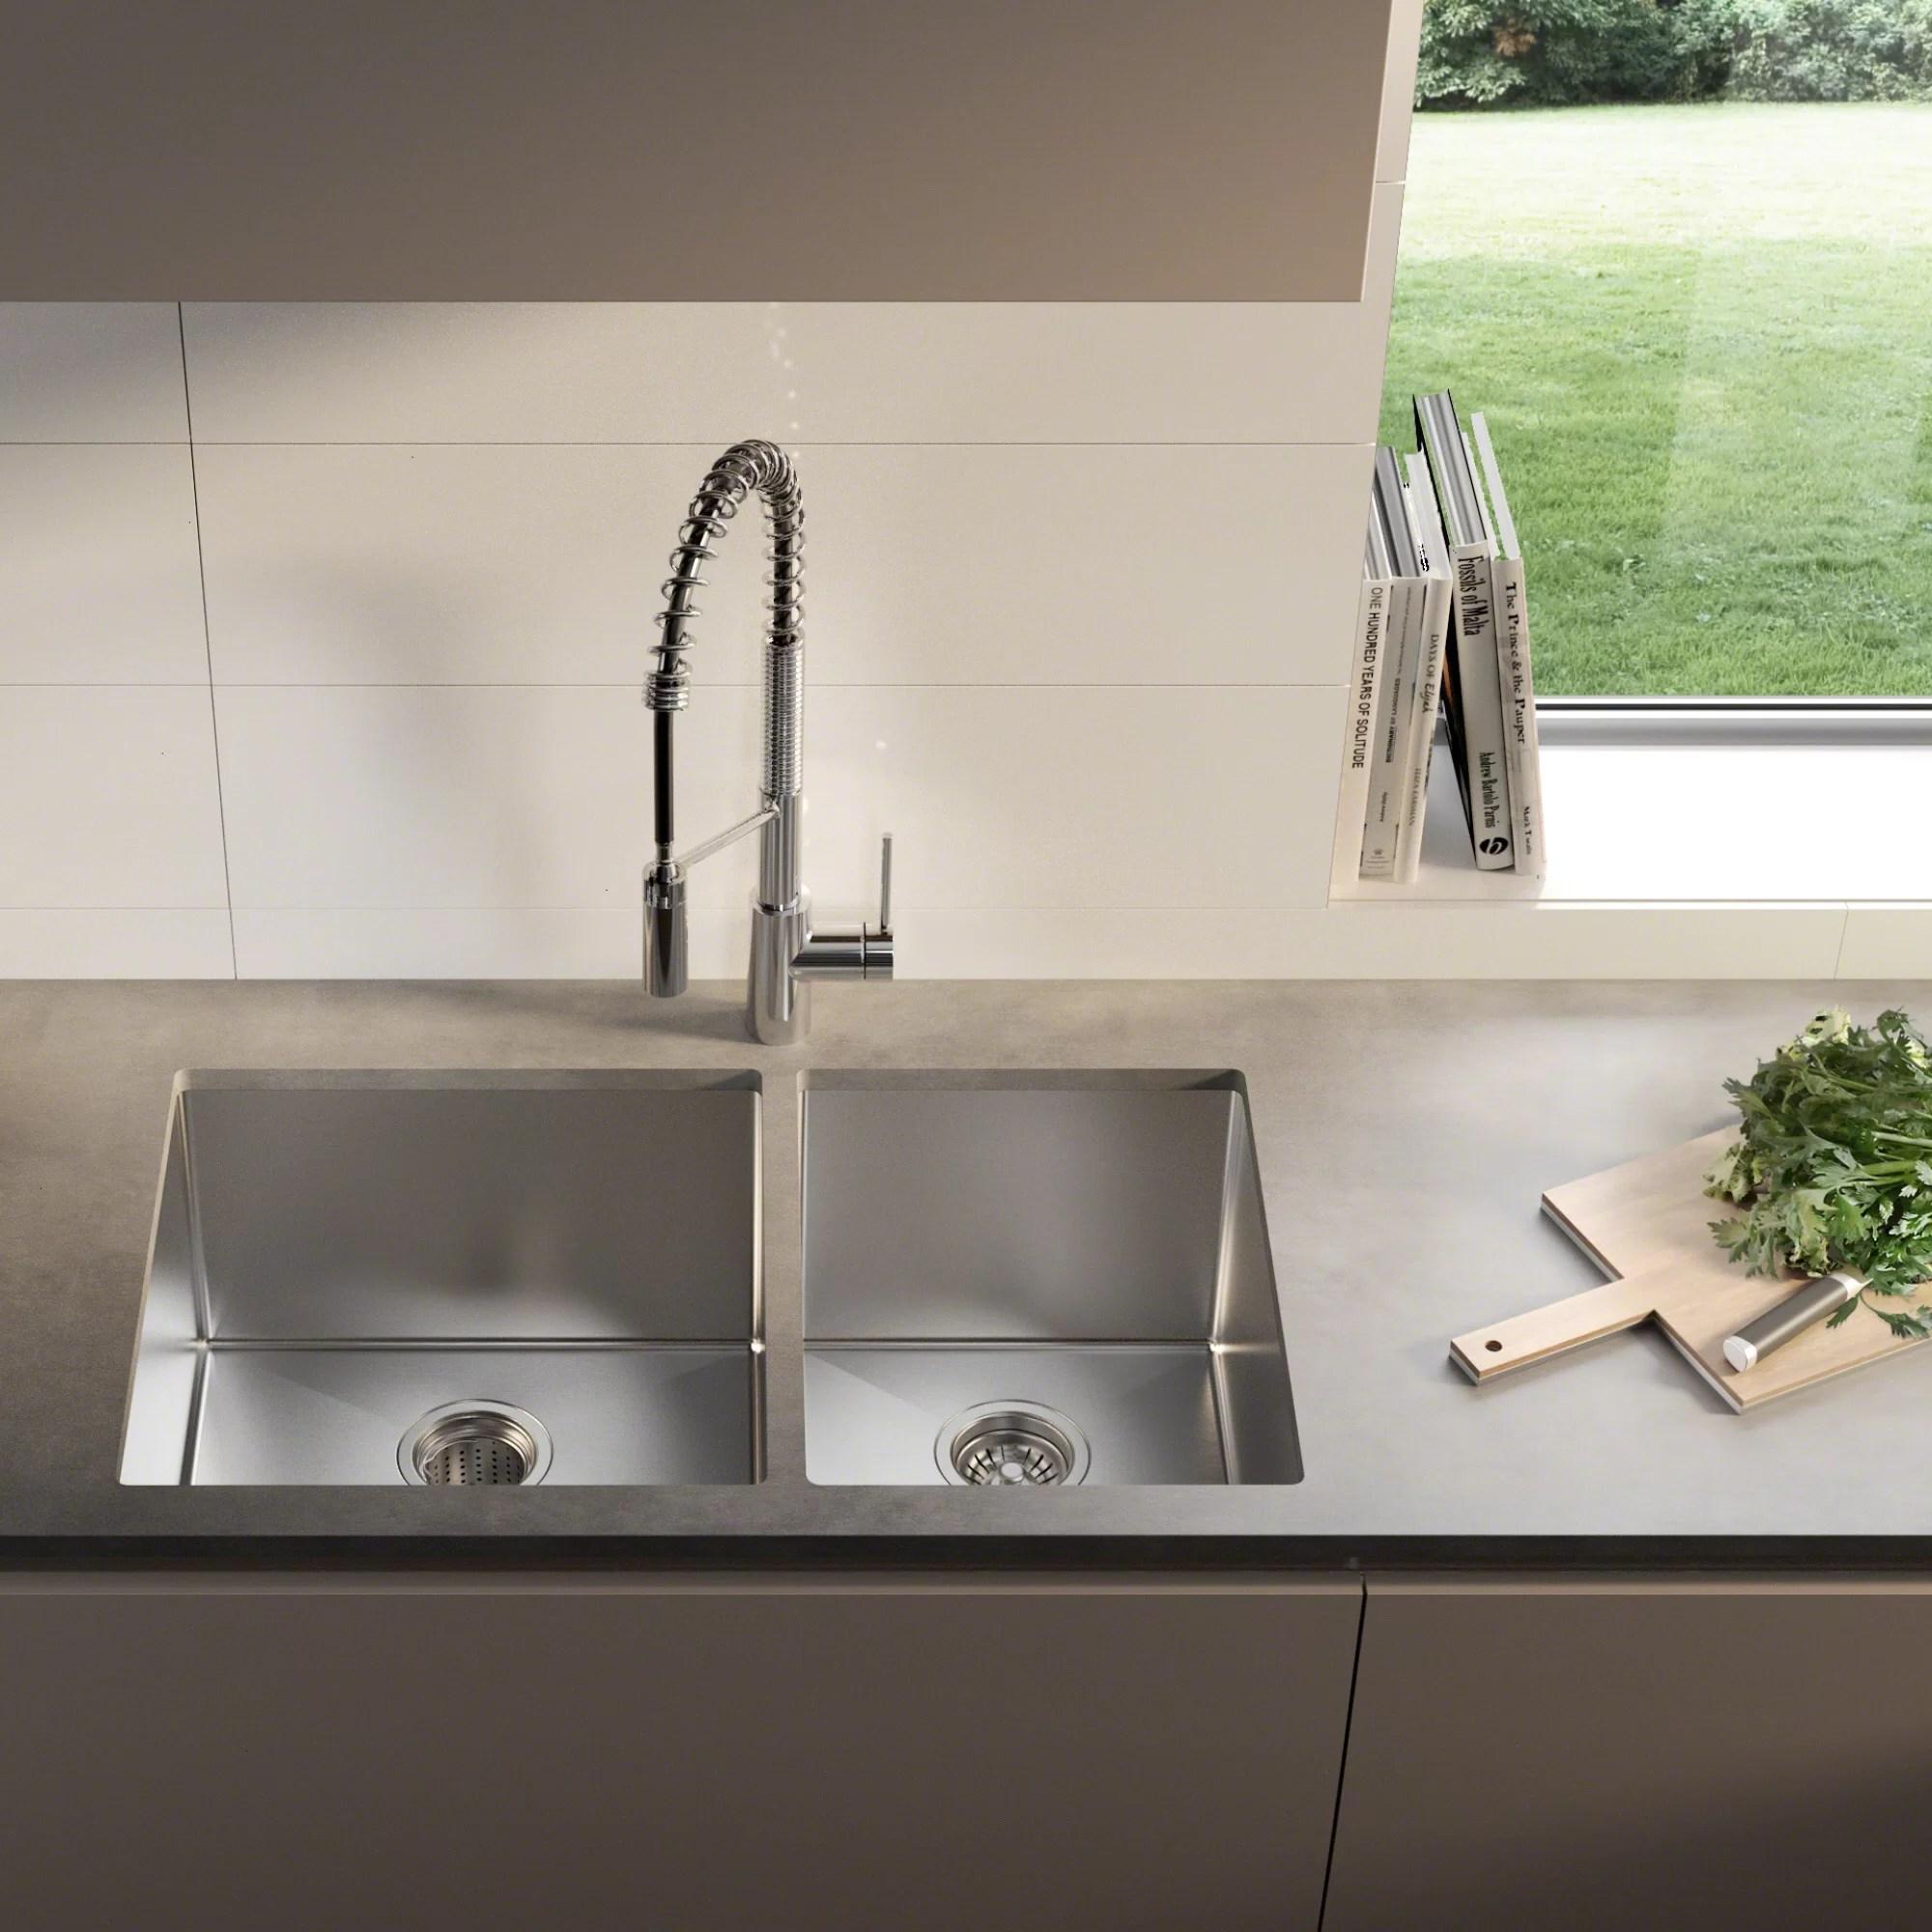 standart pro 33 l x 19 w double basin undermount kitchen sink with basket strainer